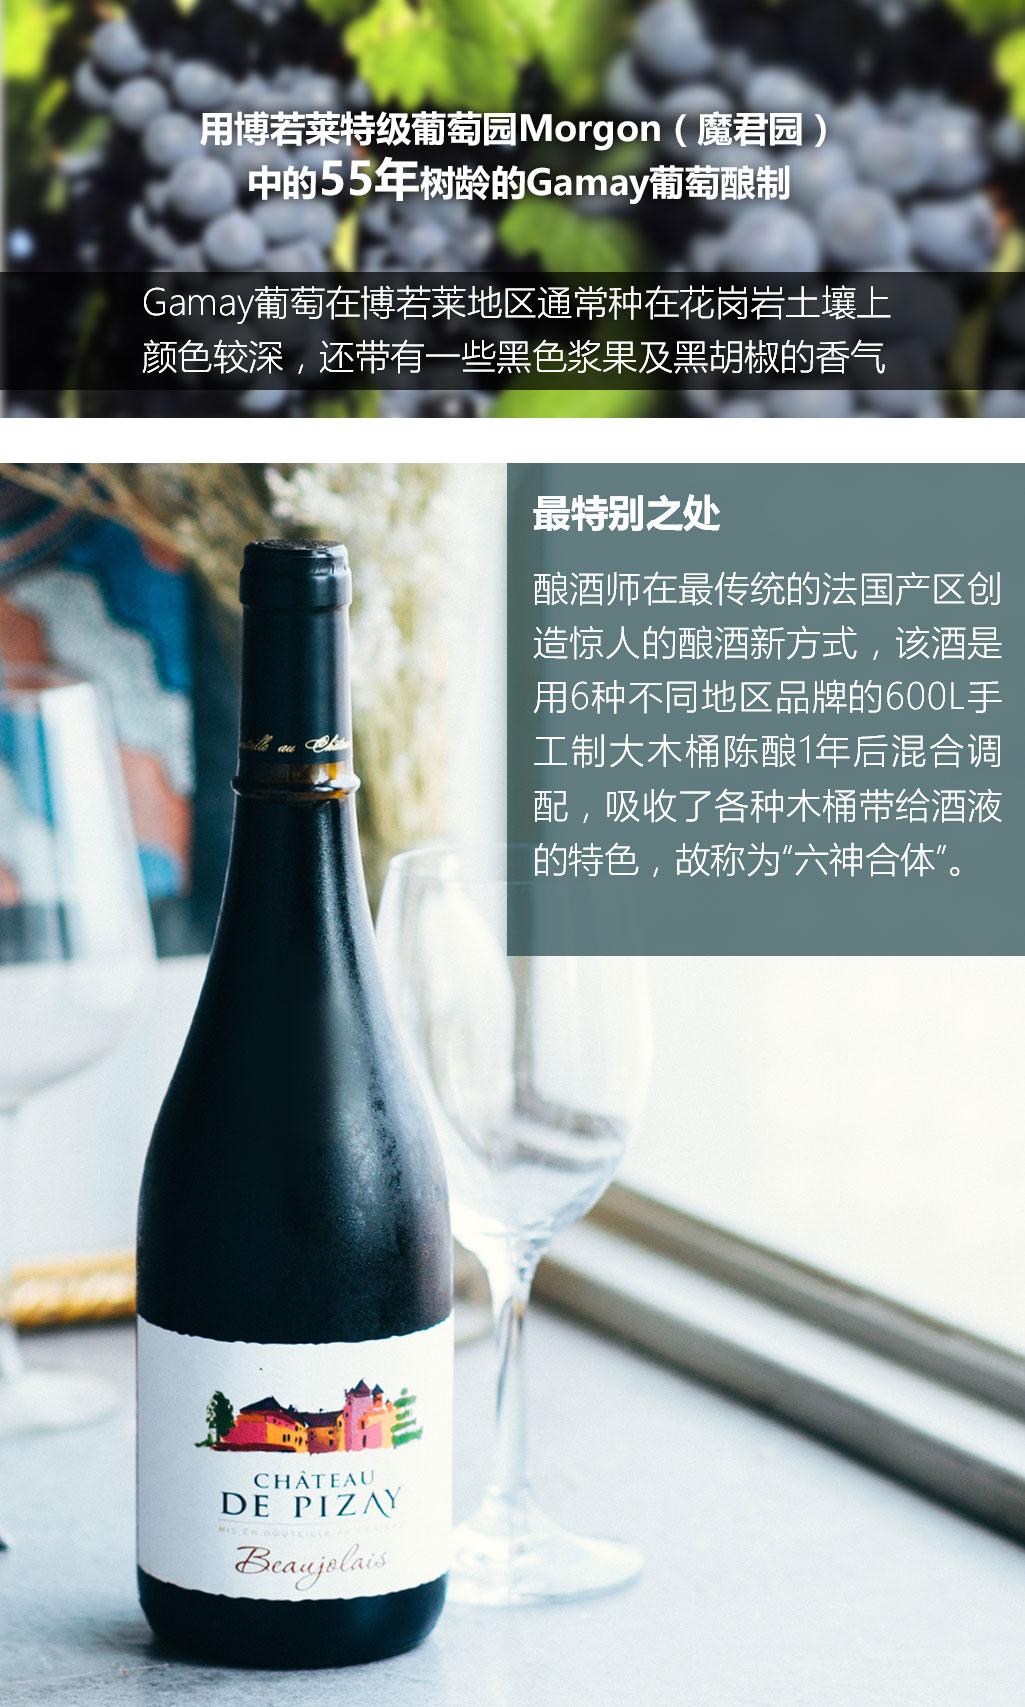 毕泽堡干红葡萄酒2015_02.jpg